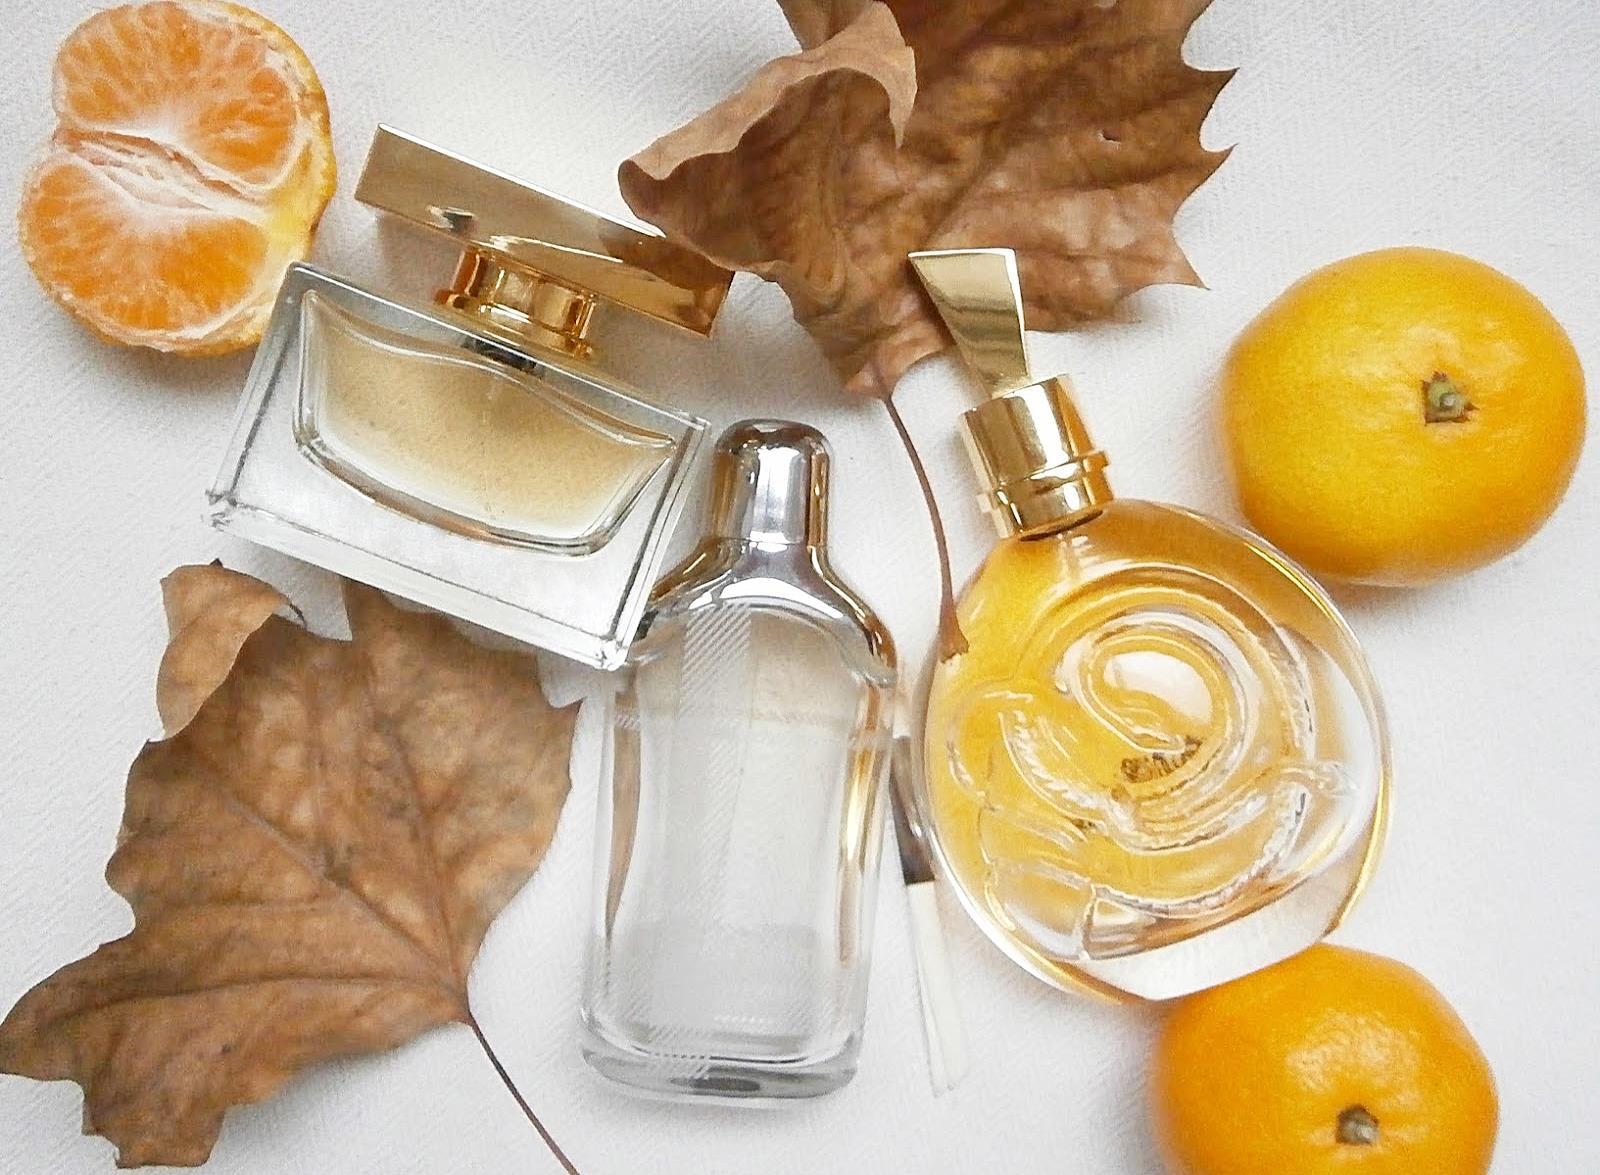 ۵ عطر زنانه پیشنهادی برای پاییز ۲۰۱۶